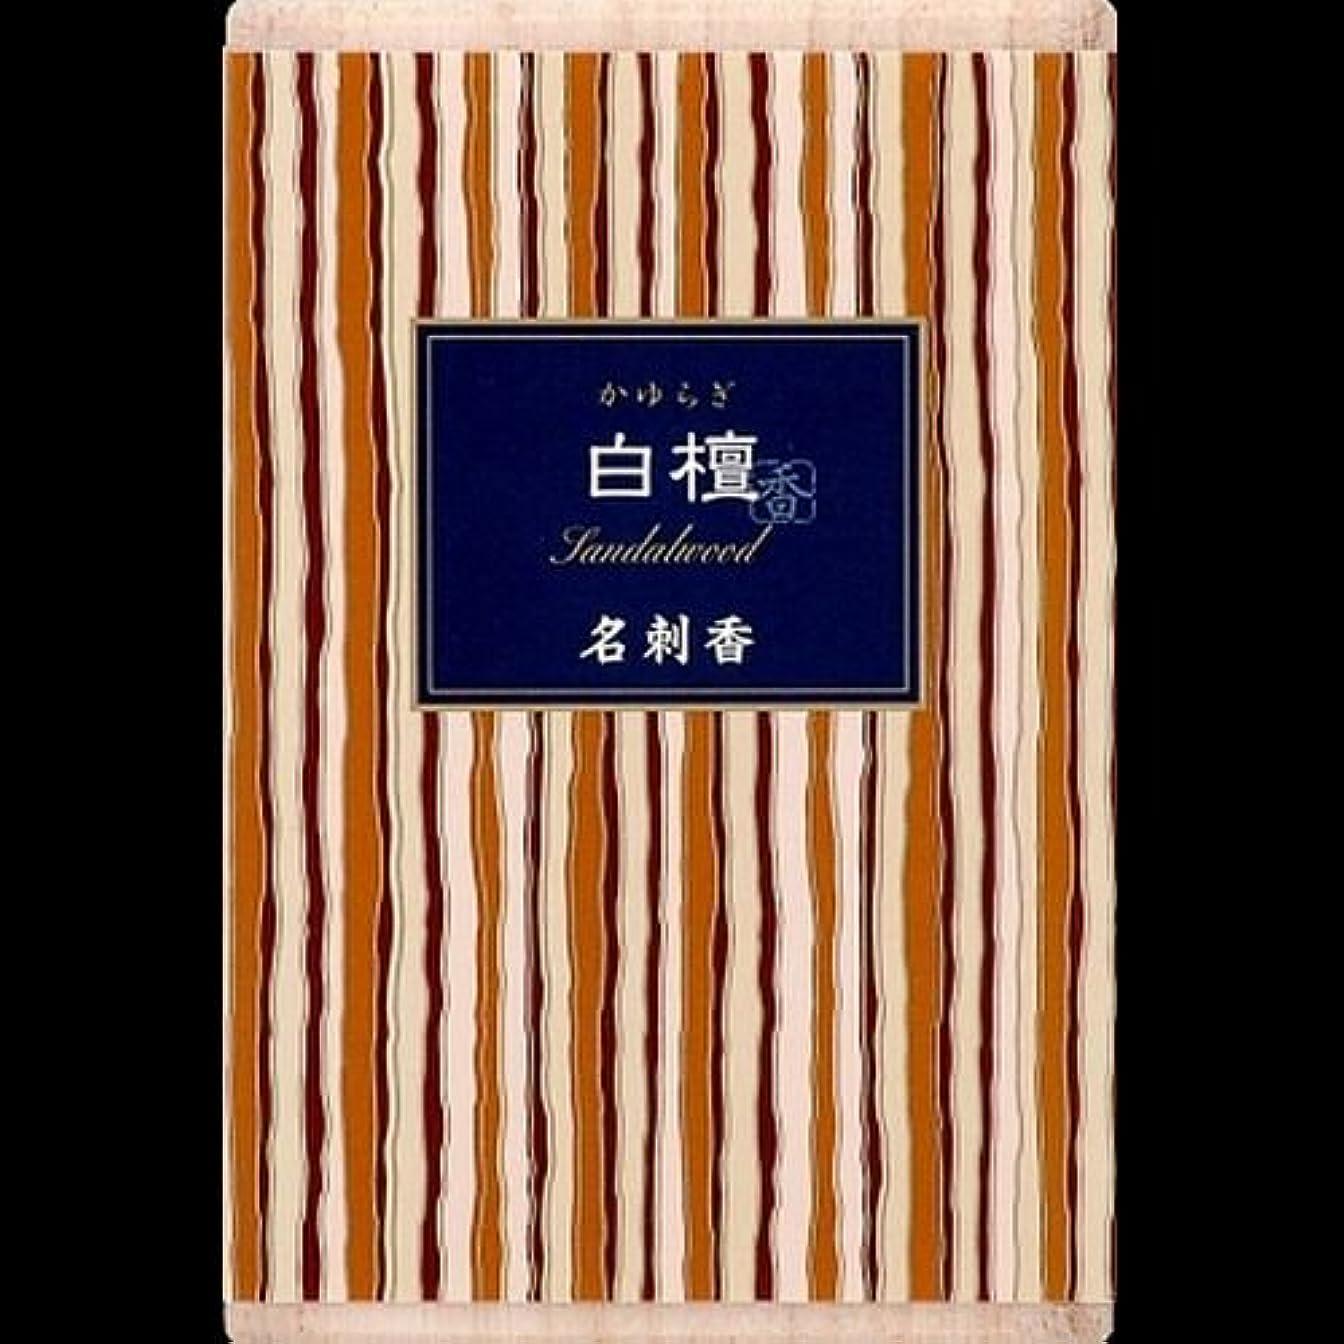 ワークショップ配列教育学【まとめ買い】かゆらぎ 白檀 名刺香 桐箱 6入 ×2セット